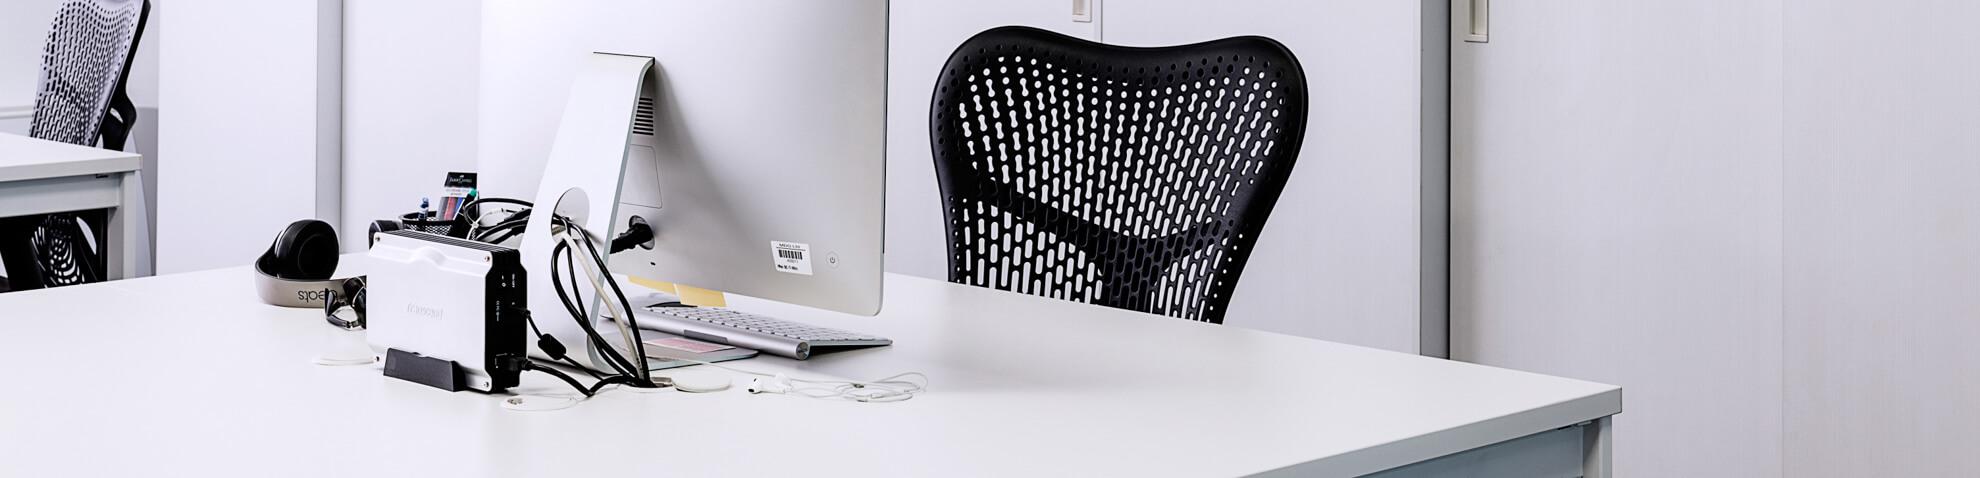 Meuble Corian Sur Mesure chastagnier création : fabricants de meubles à pont-de-l'isère